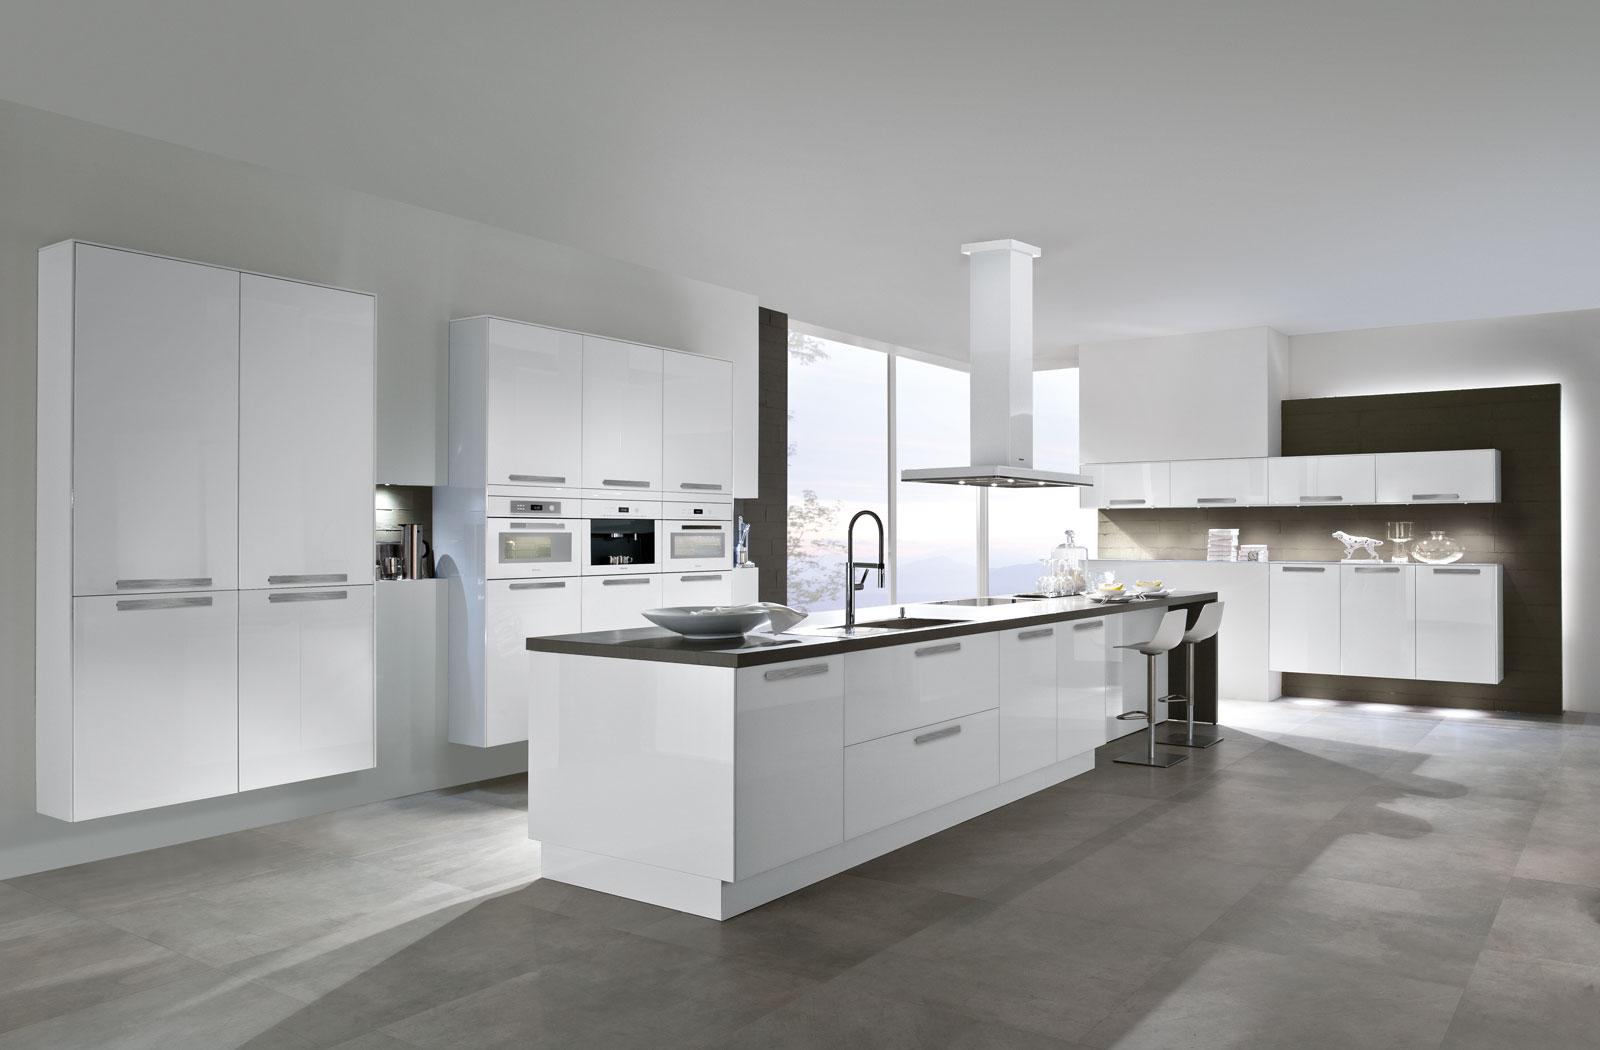 Meble Kuchenne na wymiar - oferta SAS Wnętrza i Kuchnie - Meble Kuchenne i Projektowanie wnętrz.